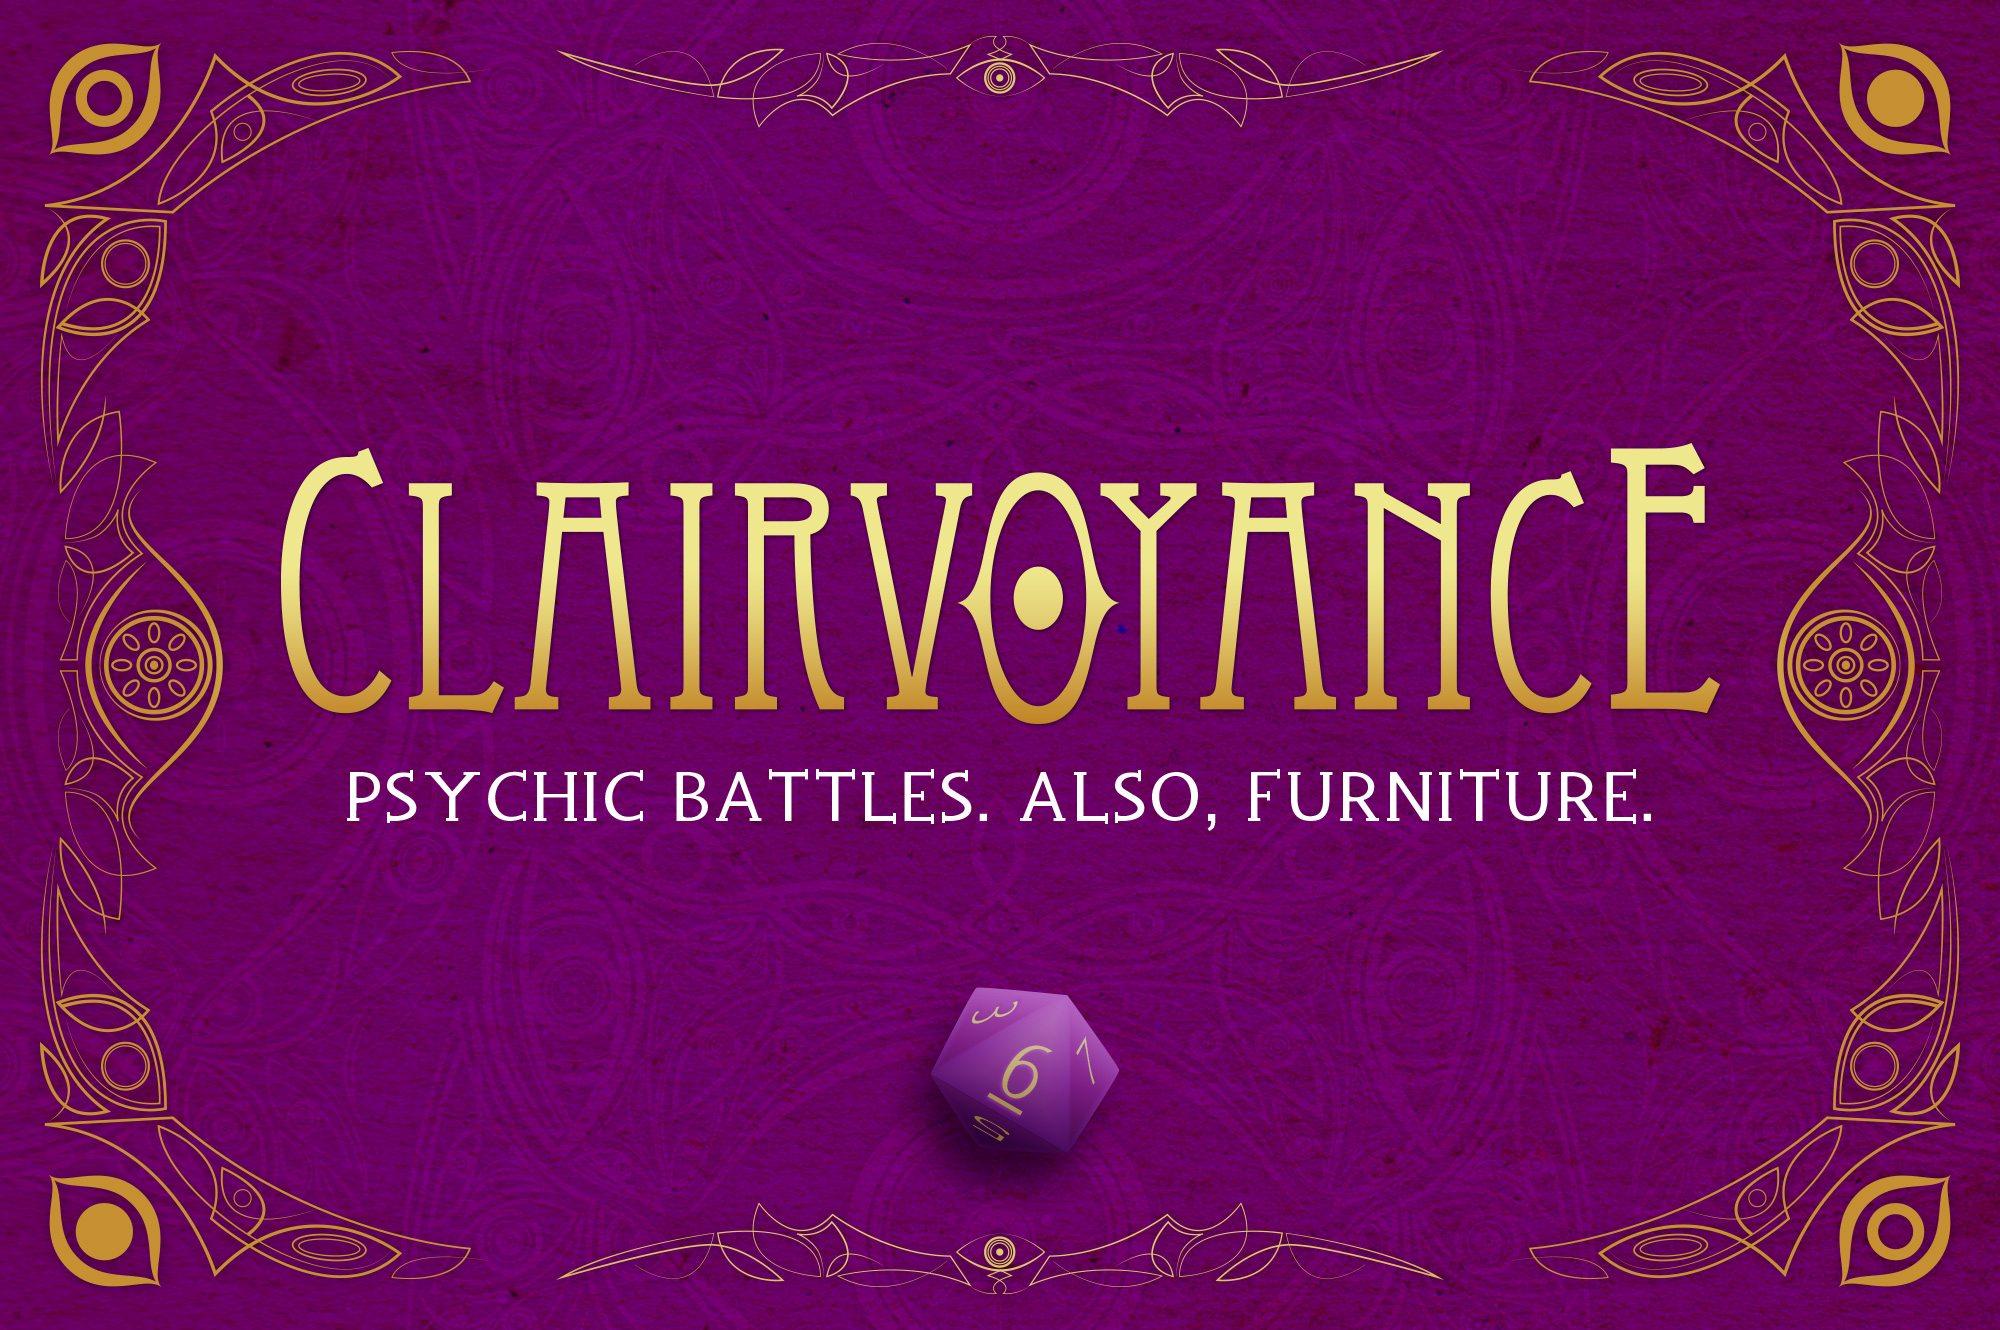 clairvoyance-logo